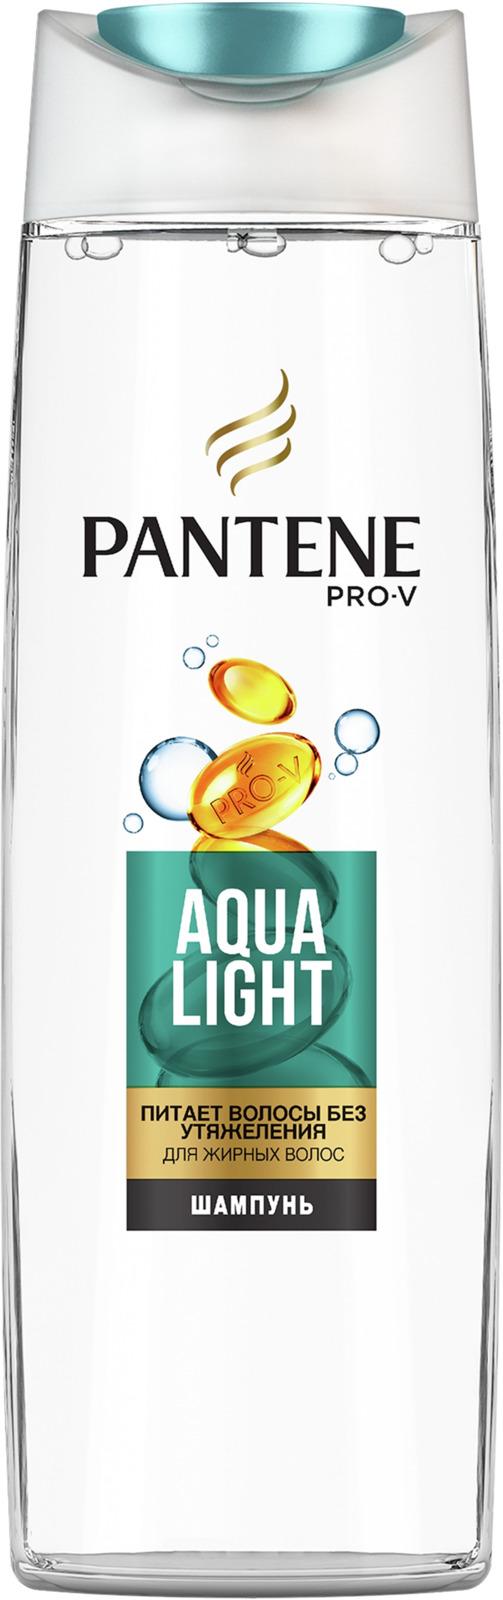 Шампунь Pantene Pro-V Aqua Light, для тонких, склонных к жирности волос, 250 мл цена